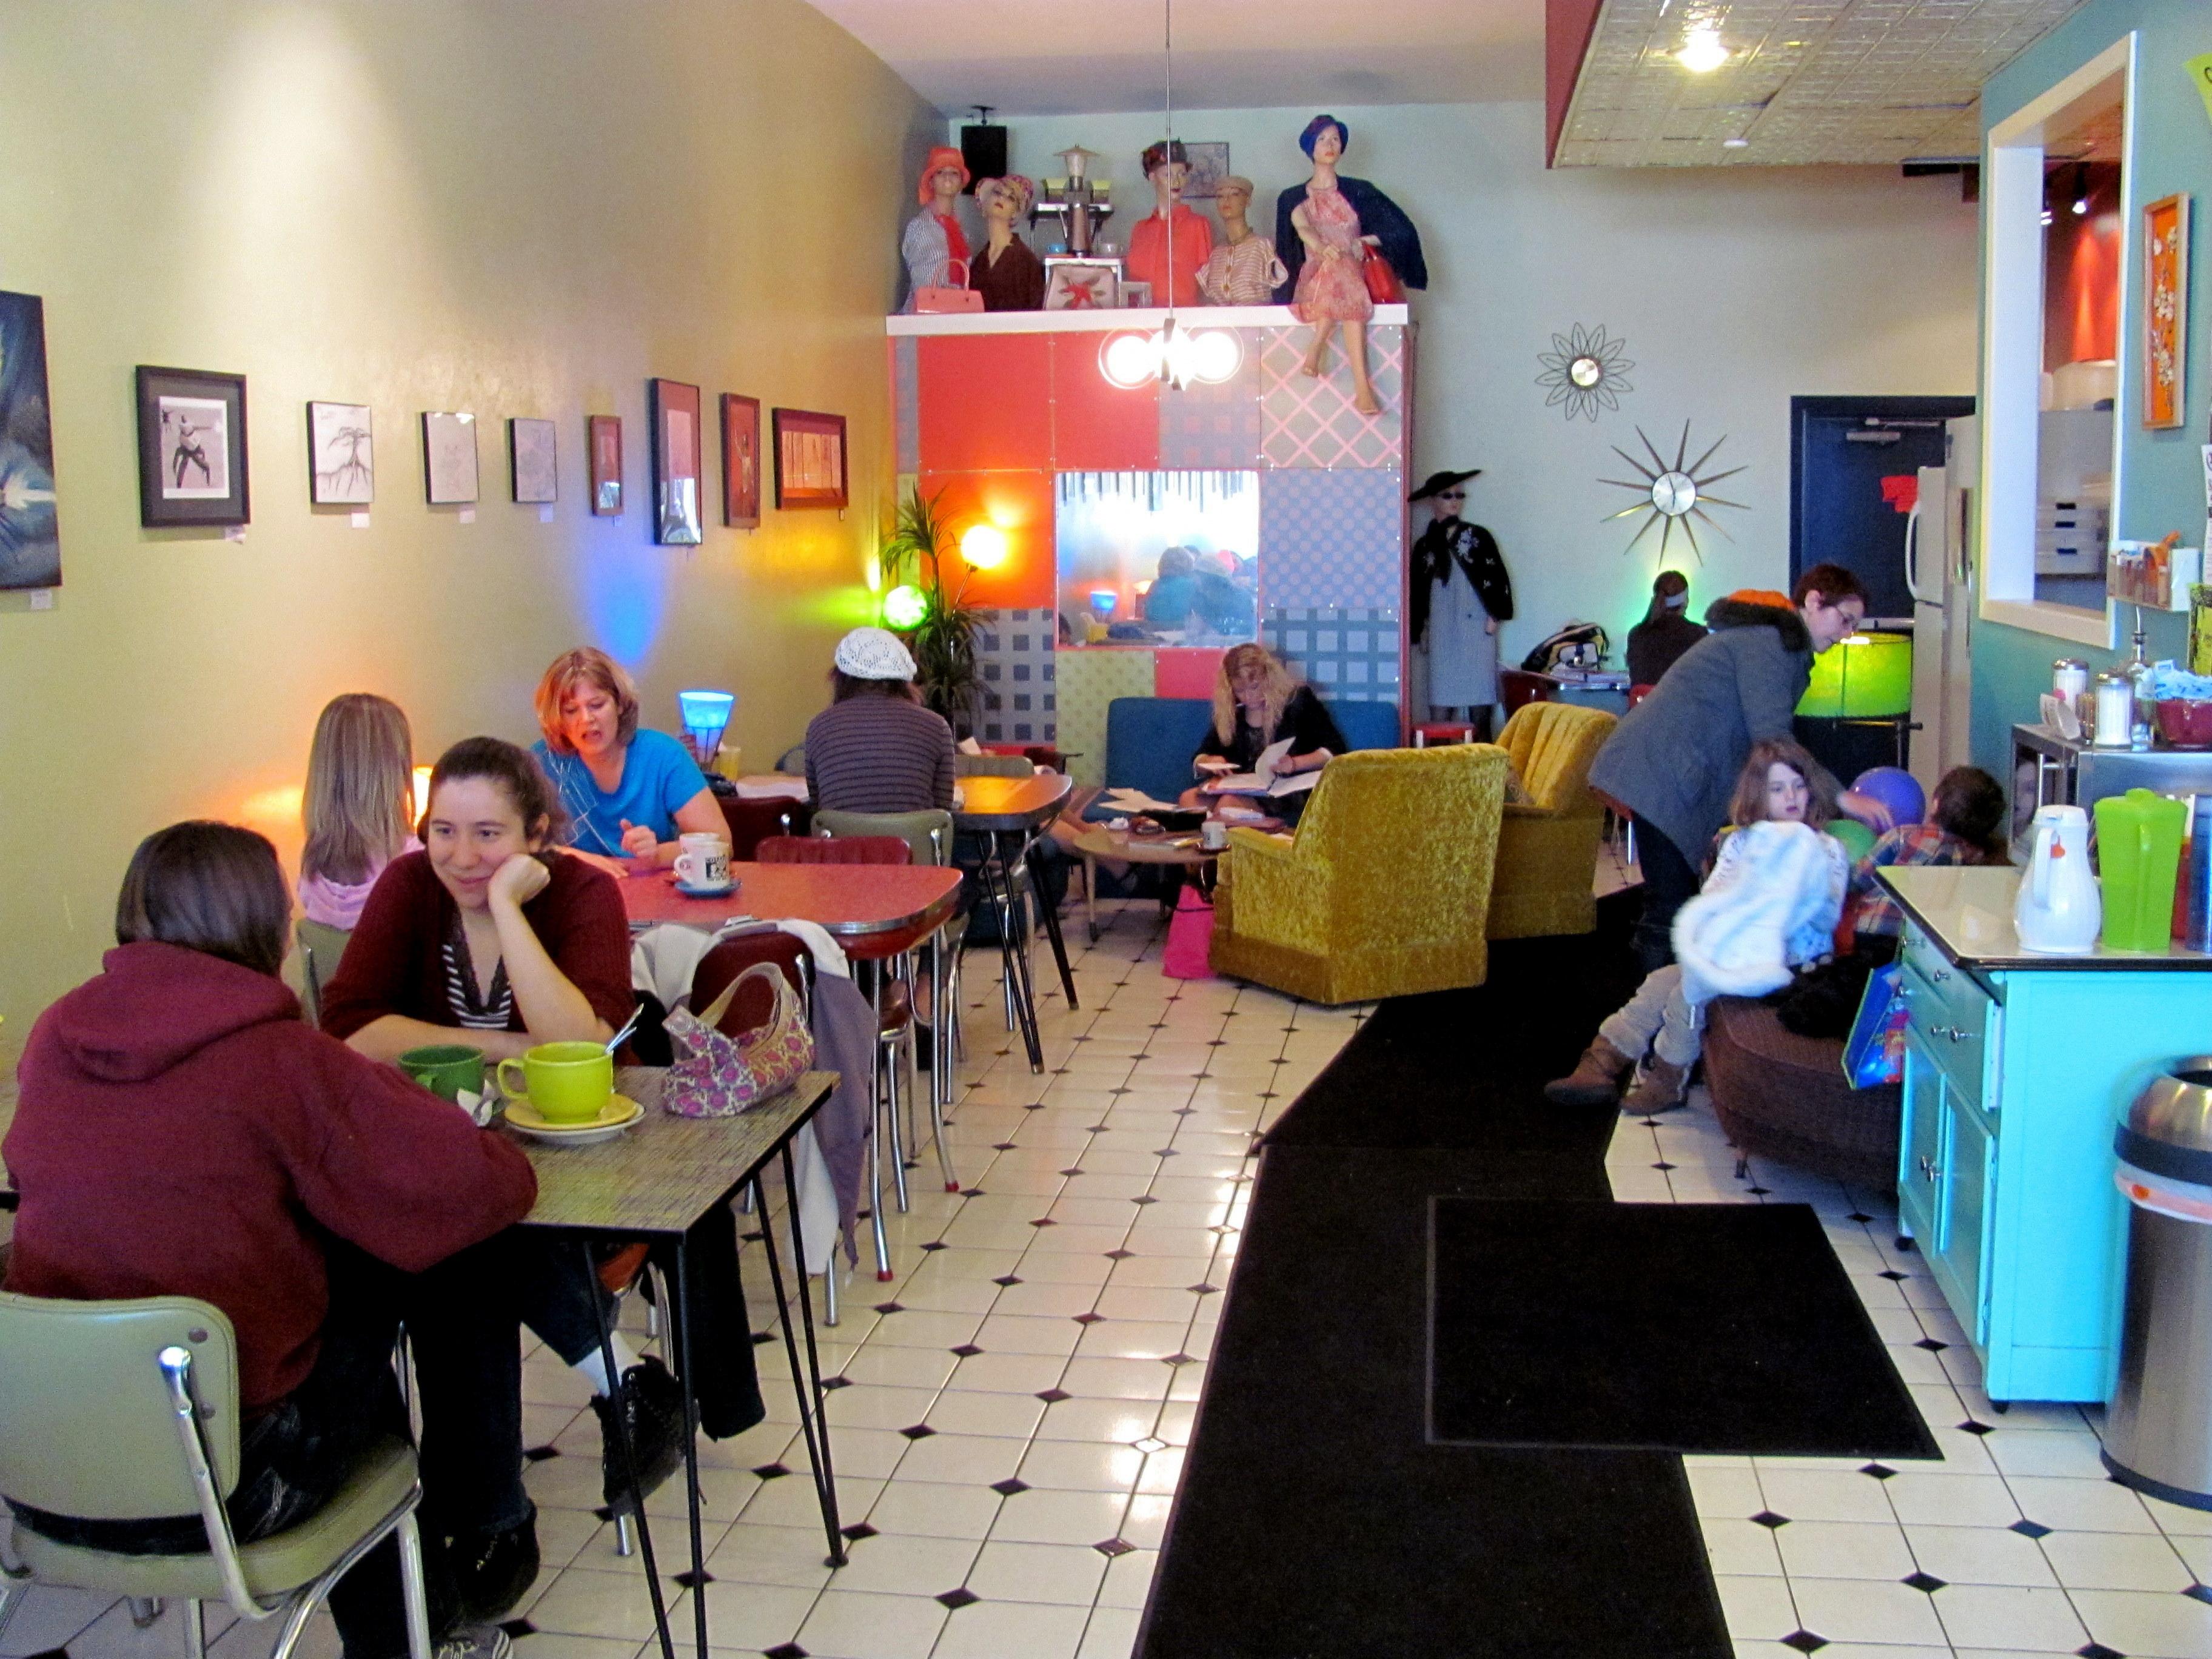 Estilos De Decoracion Para Cafeterias – Cebril.com